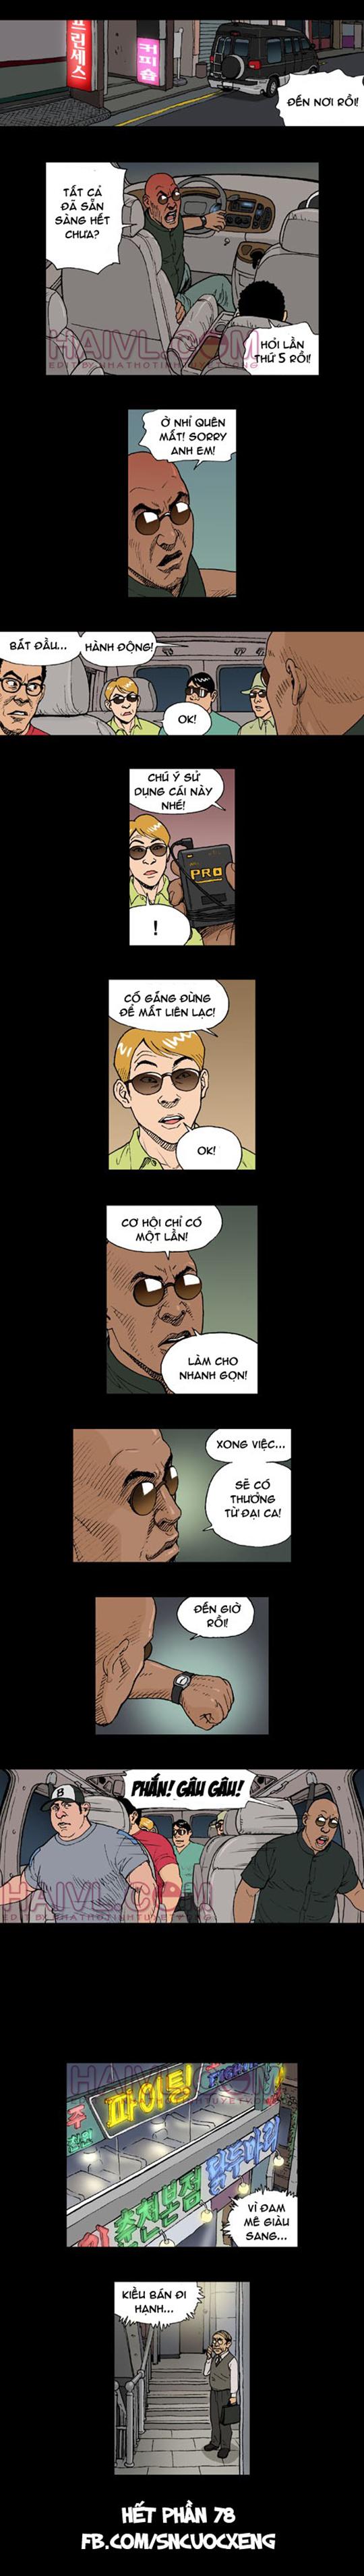 Siêu nhân Cuốc Xẻng (full bộ) phần 78